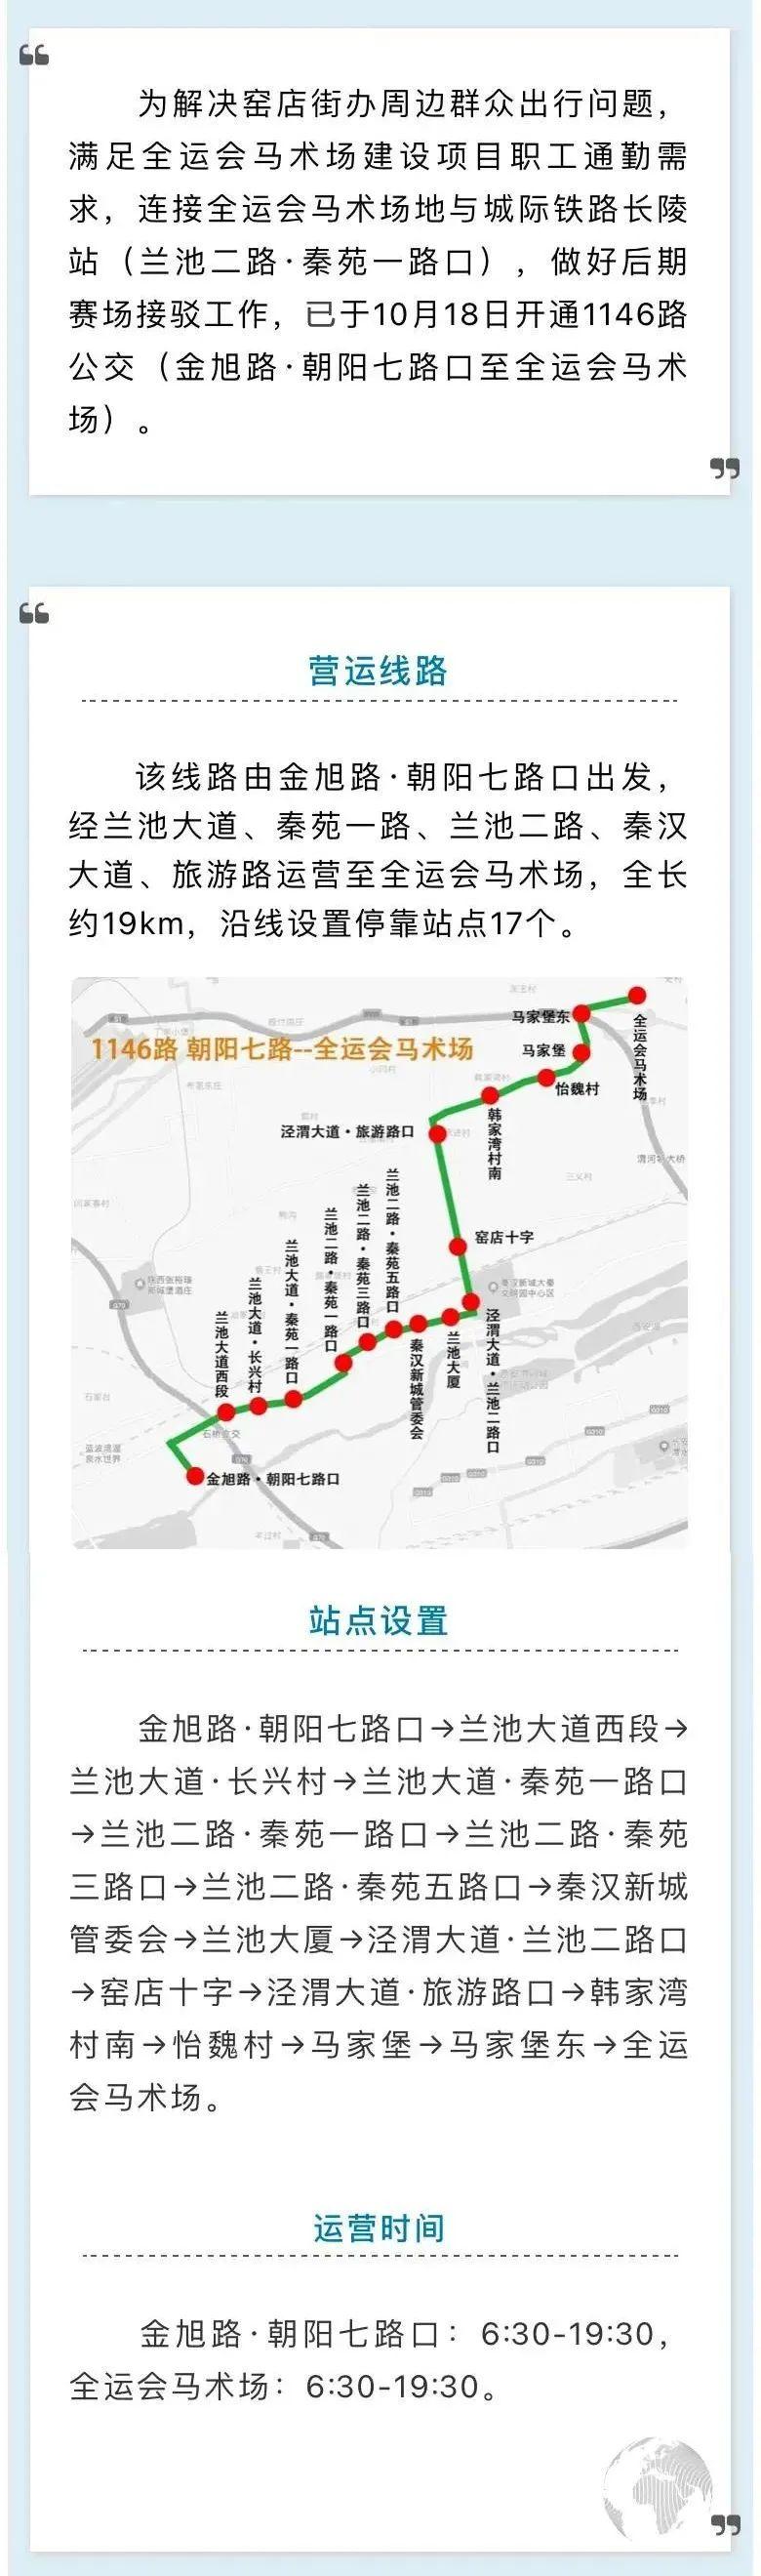 「接驳巴士」出行提示丨这条公交线路开通 可接驳机场城际铁路